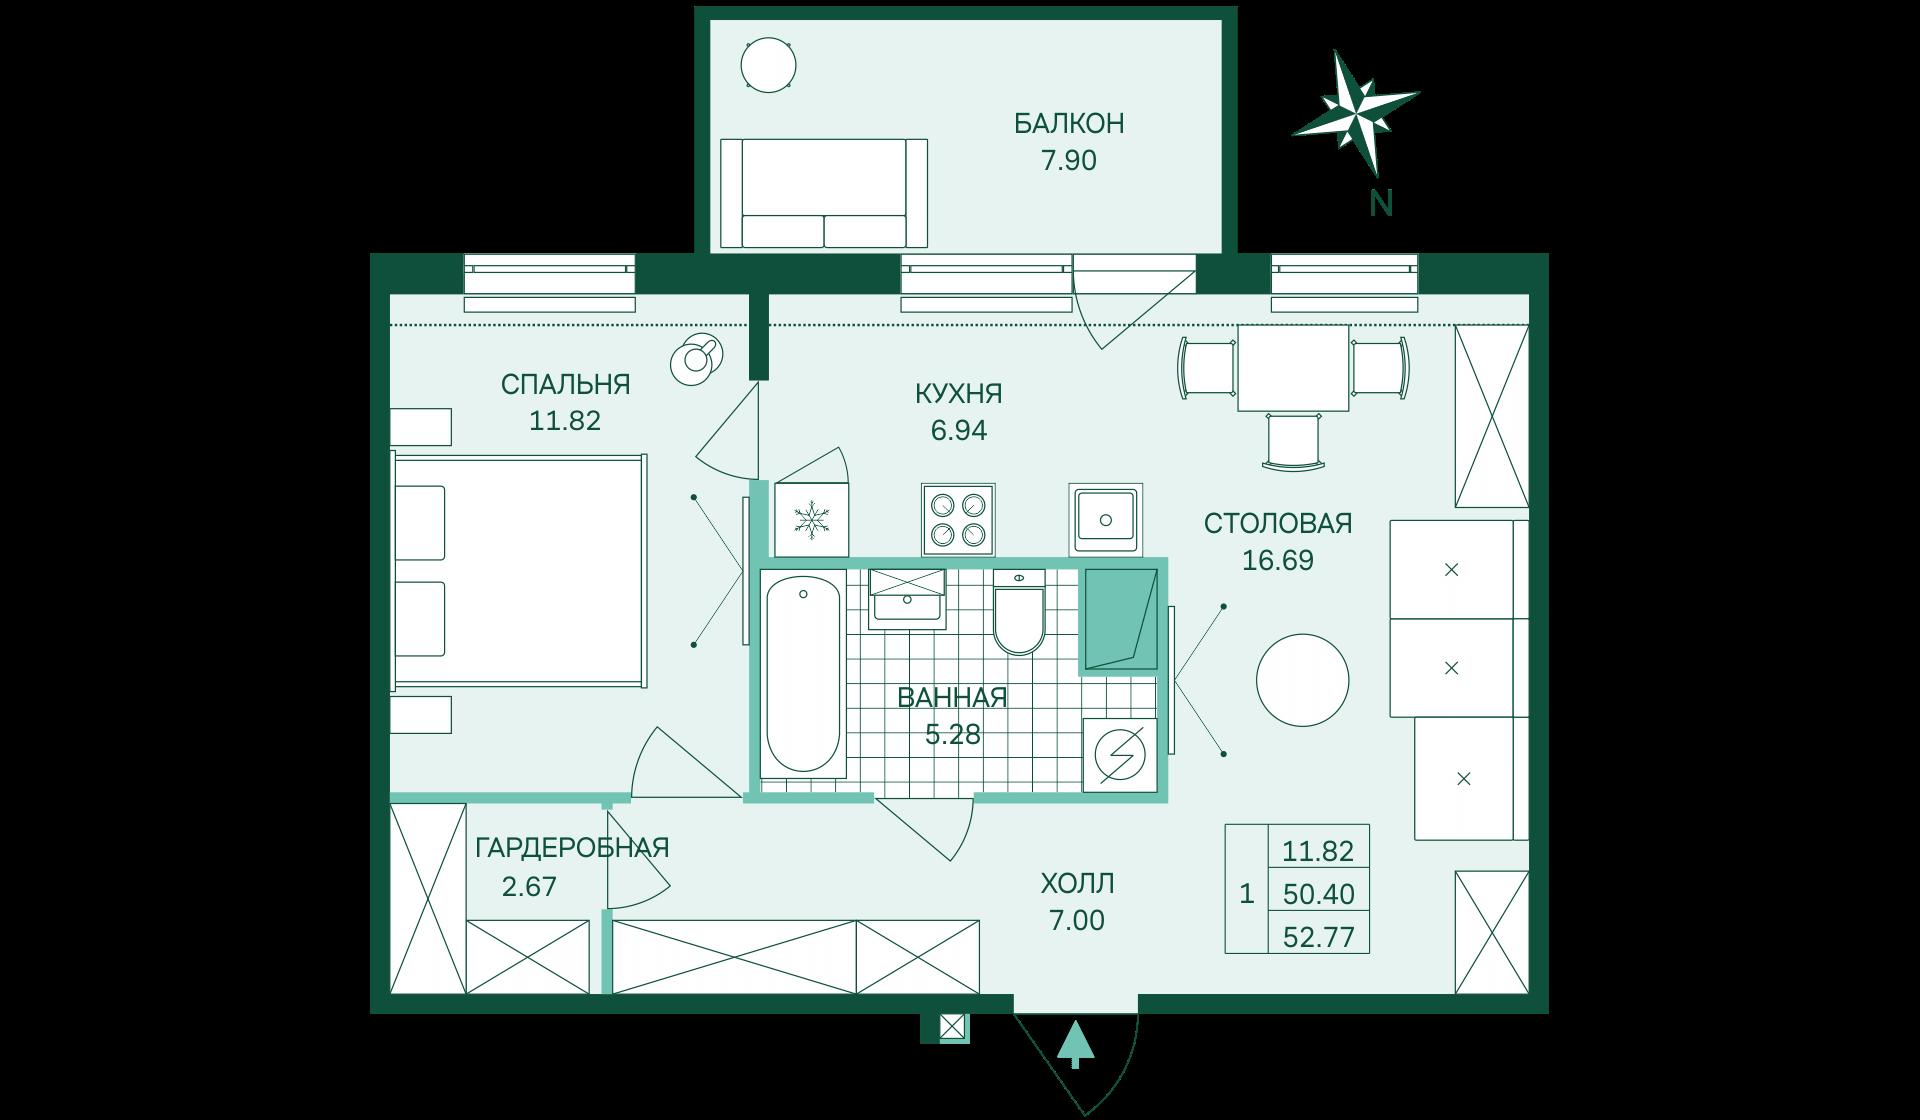 5a19d8efbaa6d Круговая планировка квартиры открывает большие возможности для  нестандартных дизайнерских решений. Оставьте все комнаты проходными или  зонируйте их по ...